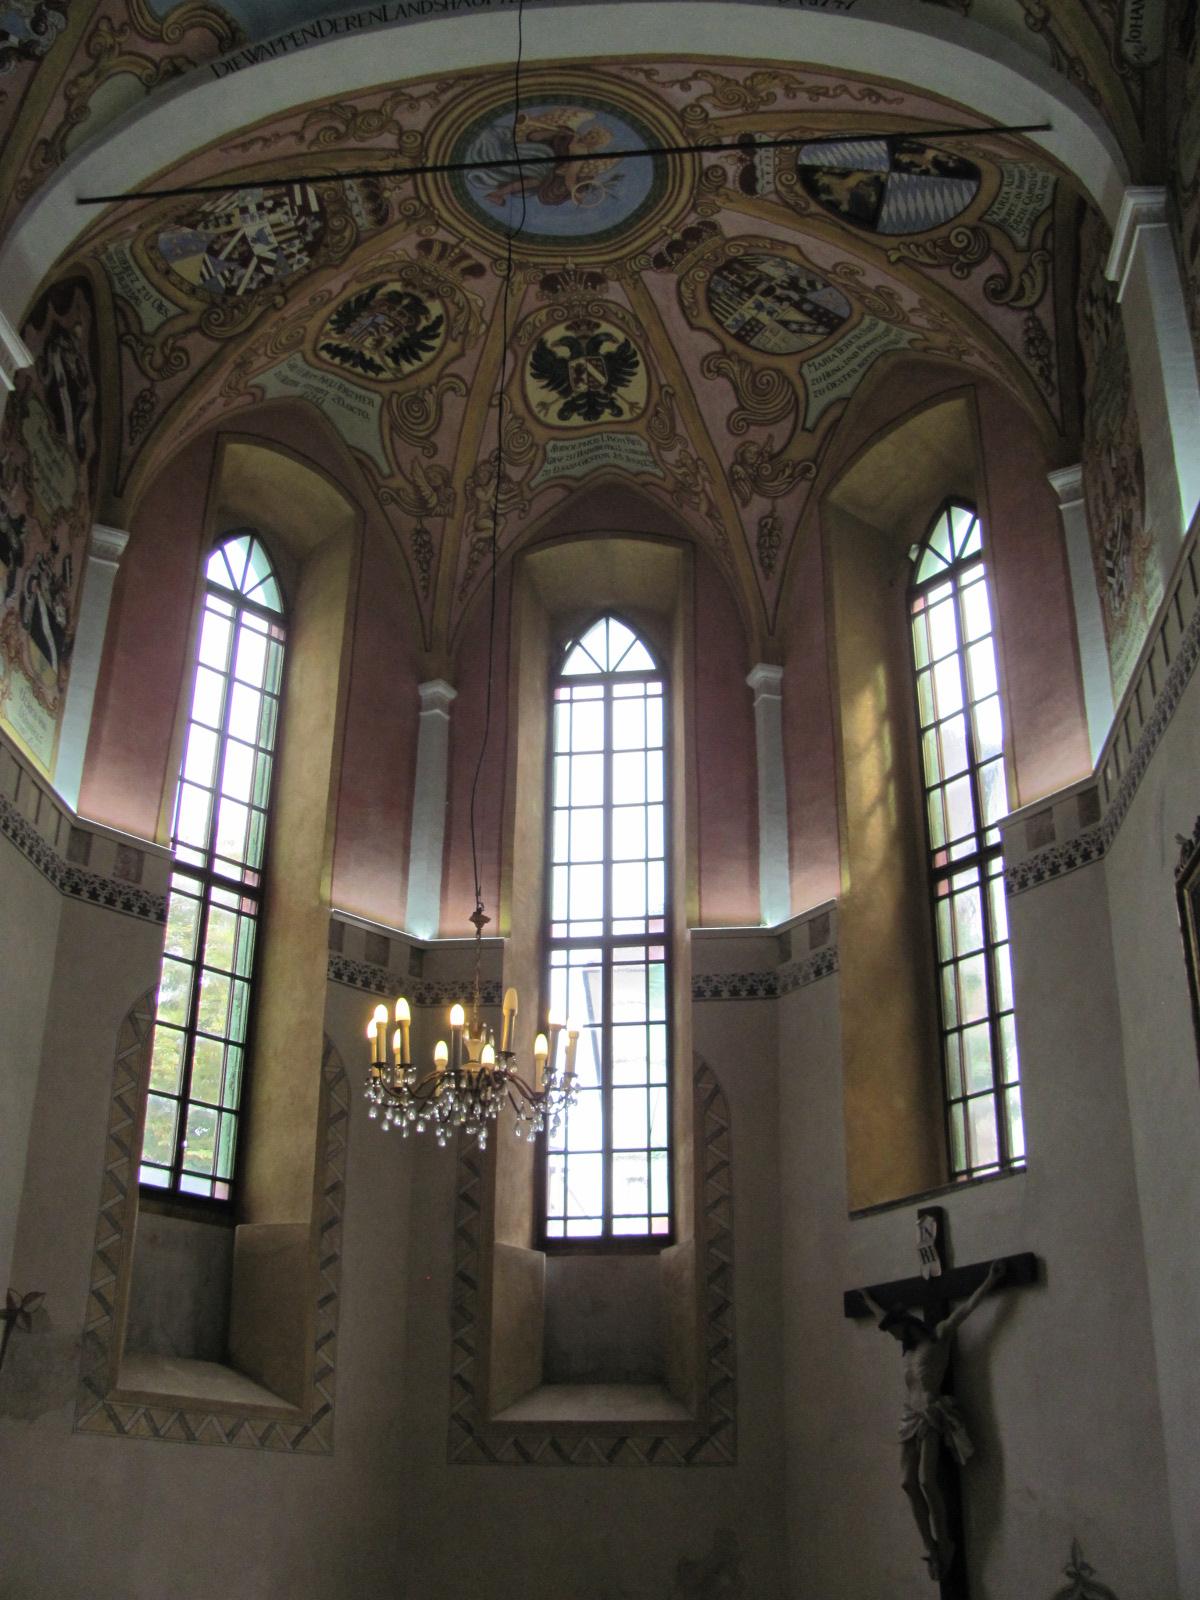 Inside St George's Chapel